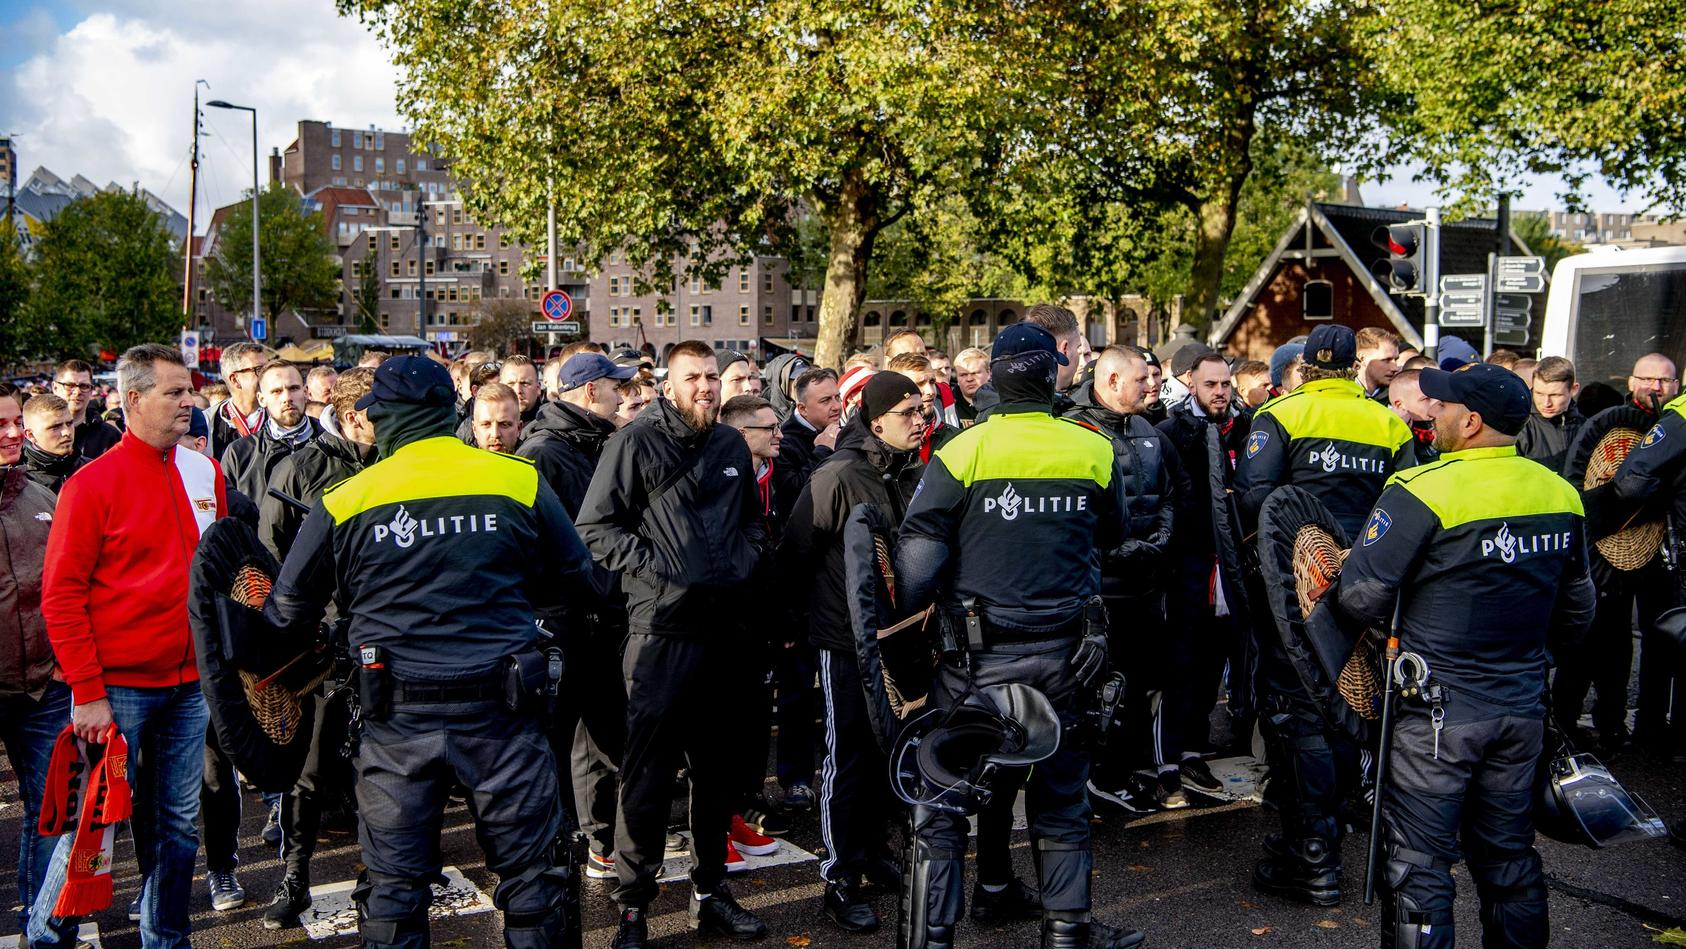 unions-traurige-europa-reise-die-schande-von-rotterdam